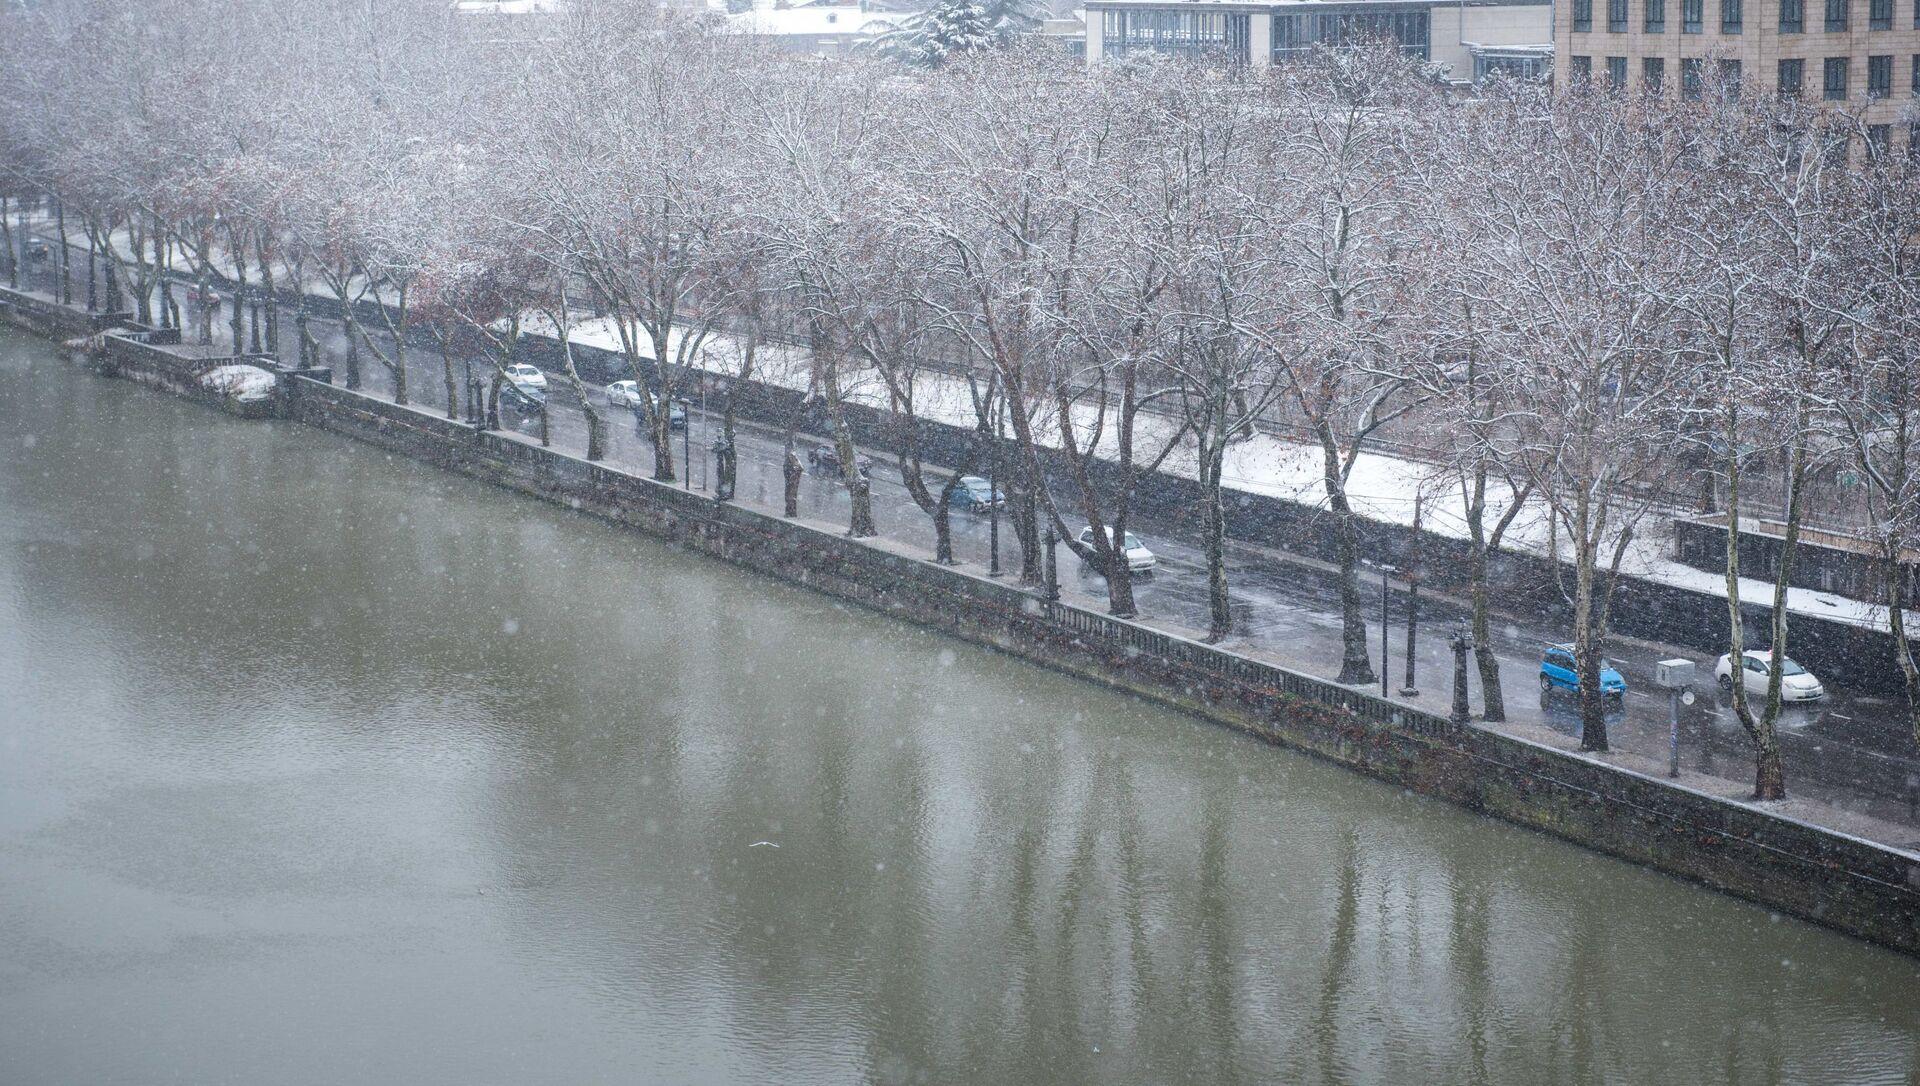 Погода в Тбилиси - машины едут по набережной в снег - Sputnik Грузия, 1920, 11.03.2021